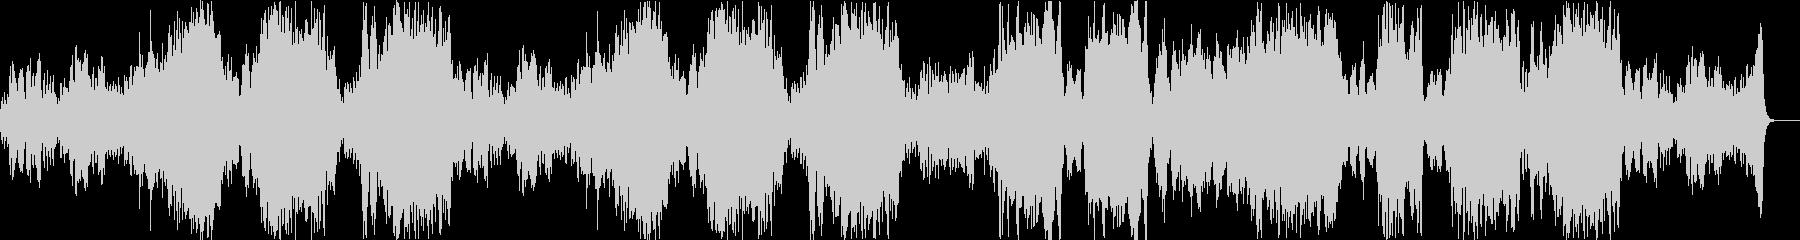 バッハカンタータ BWV140 .1の未再生の波形